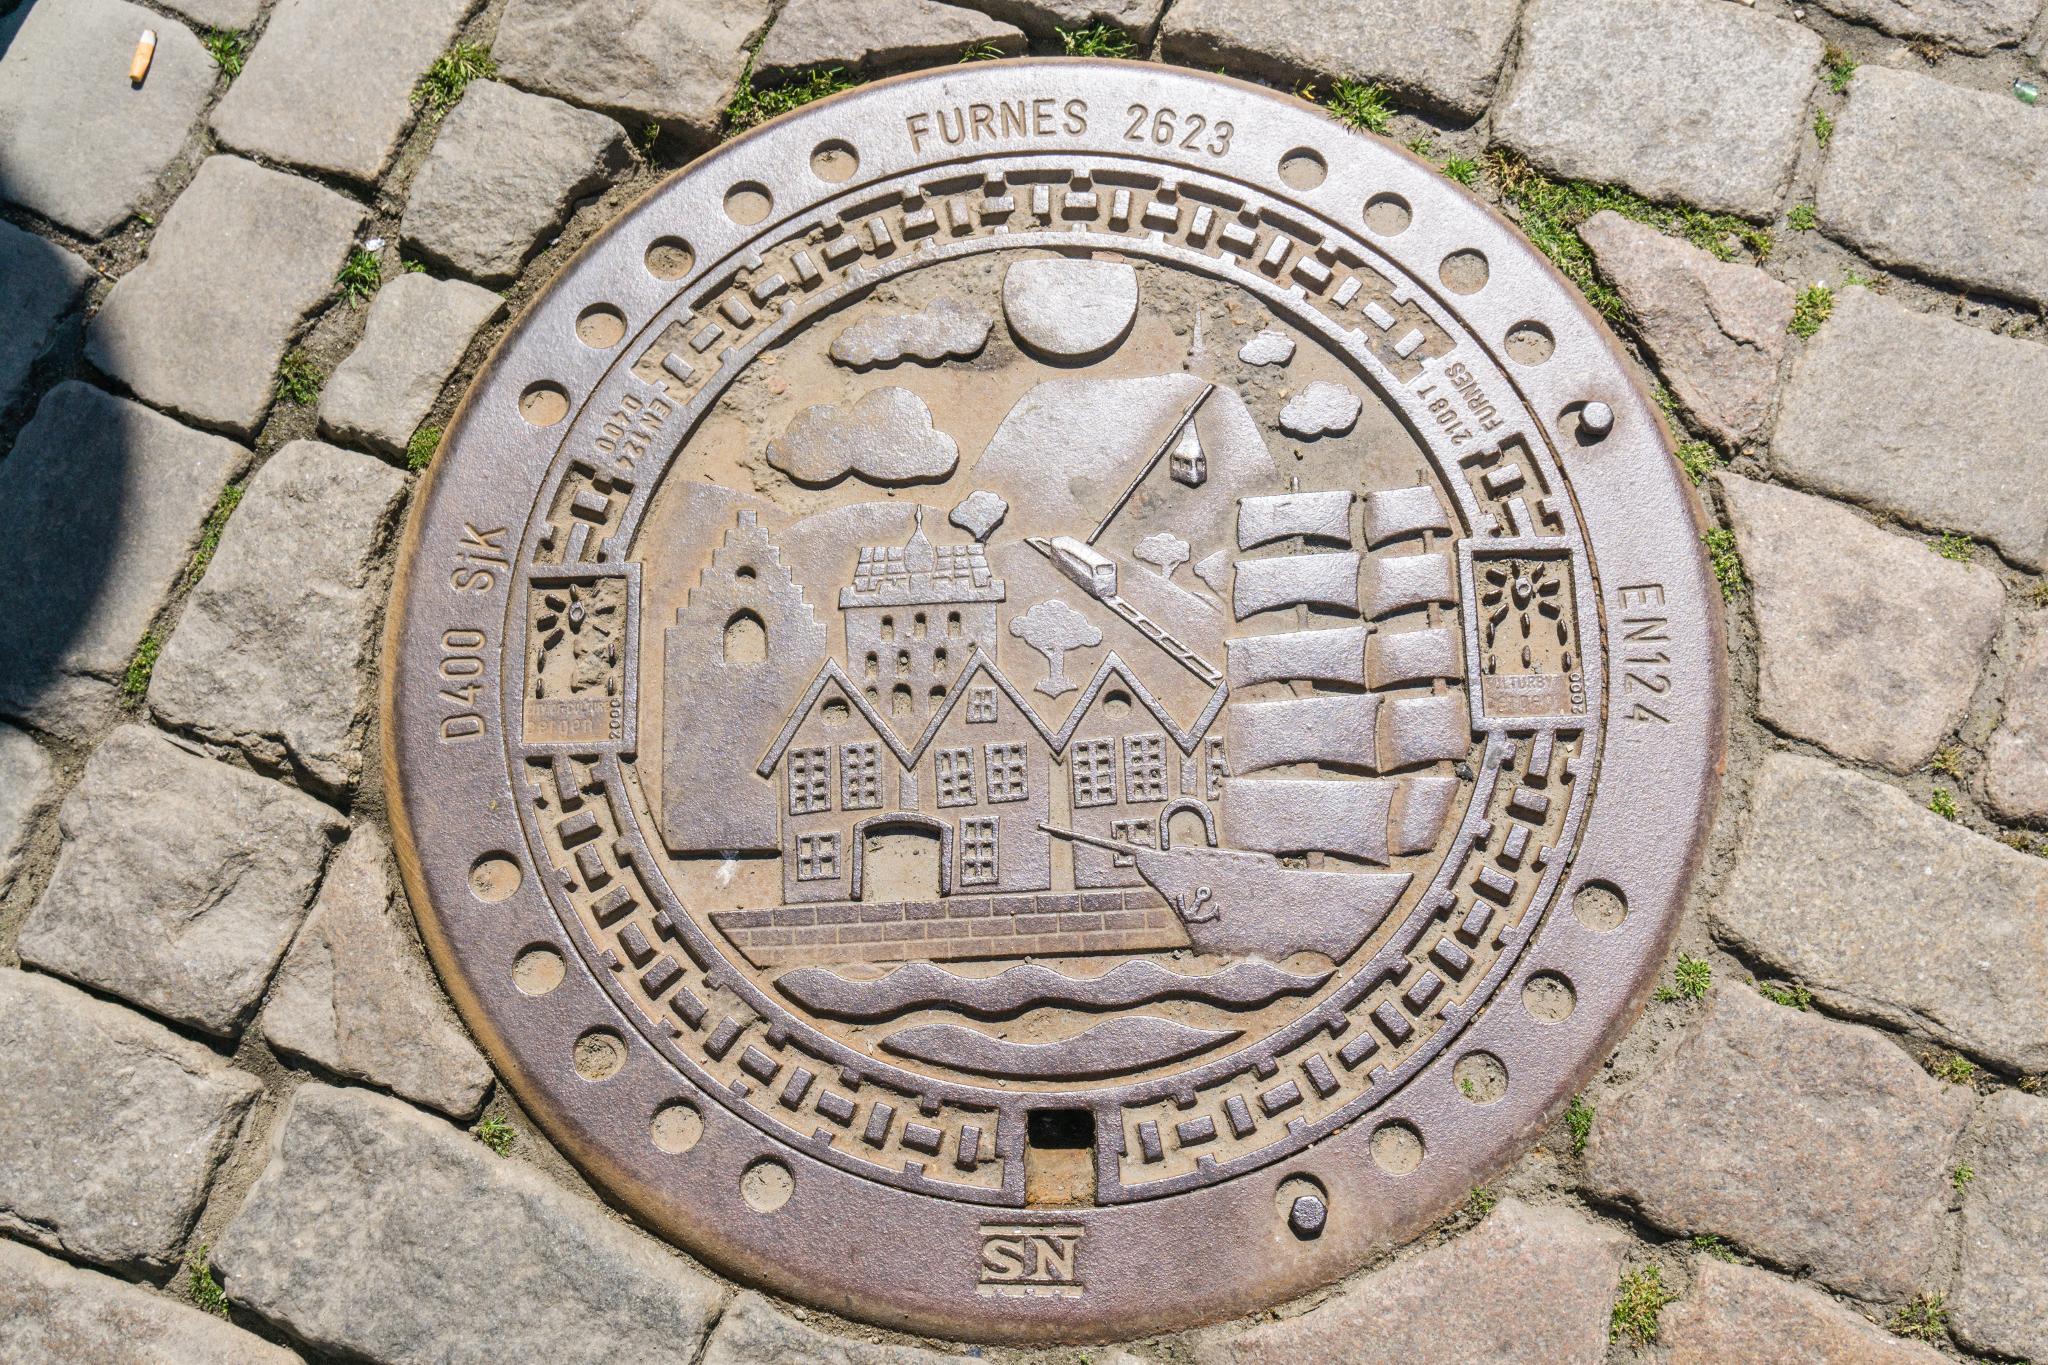 【卑爾根】童話北歐!卑爾根自由行景點全攻略 155